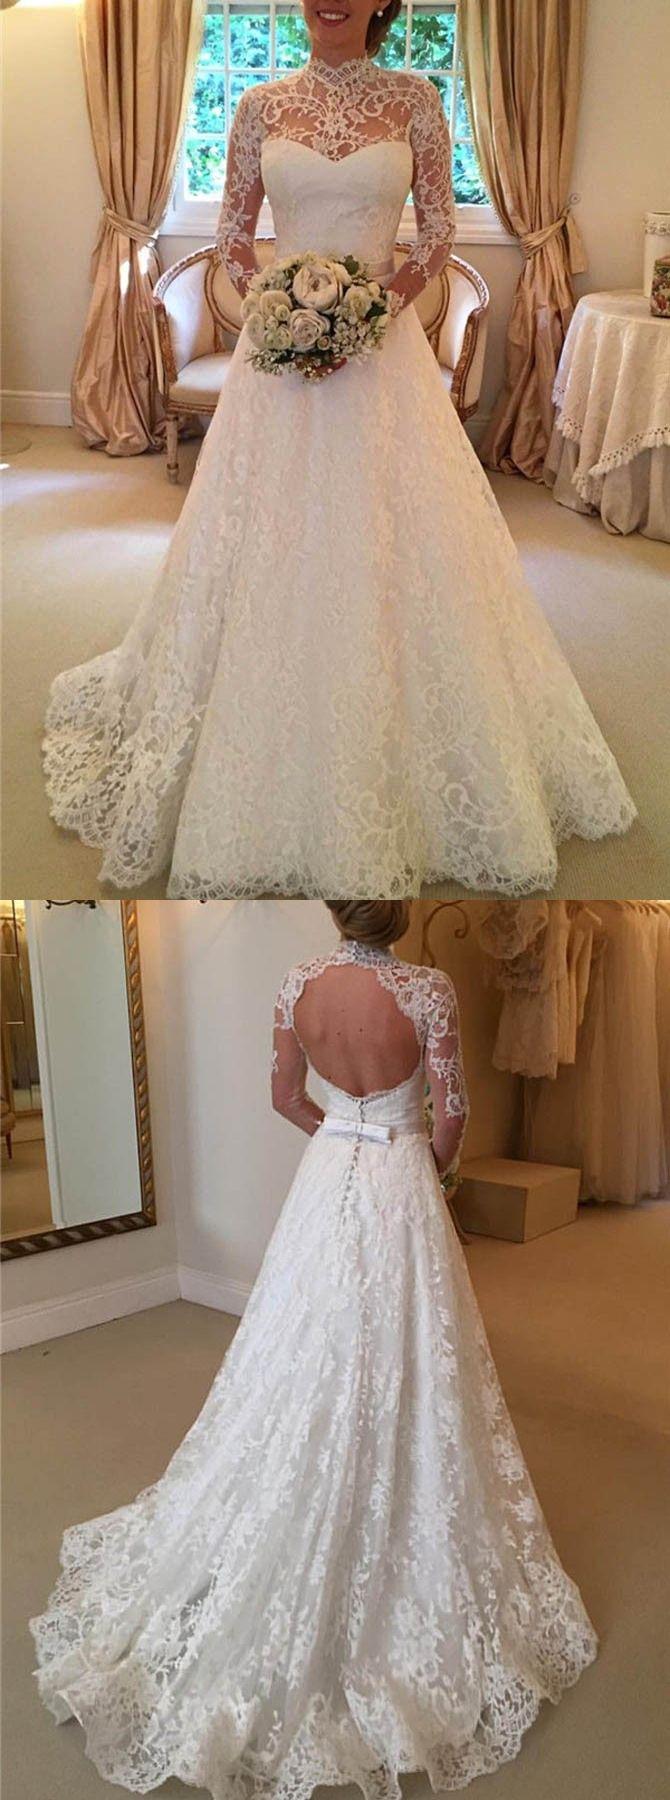 Aline wedding dresslace wedding dressopen back wedding dresslong